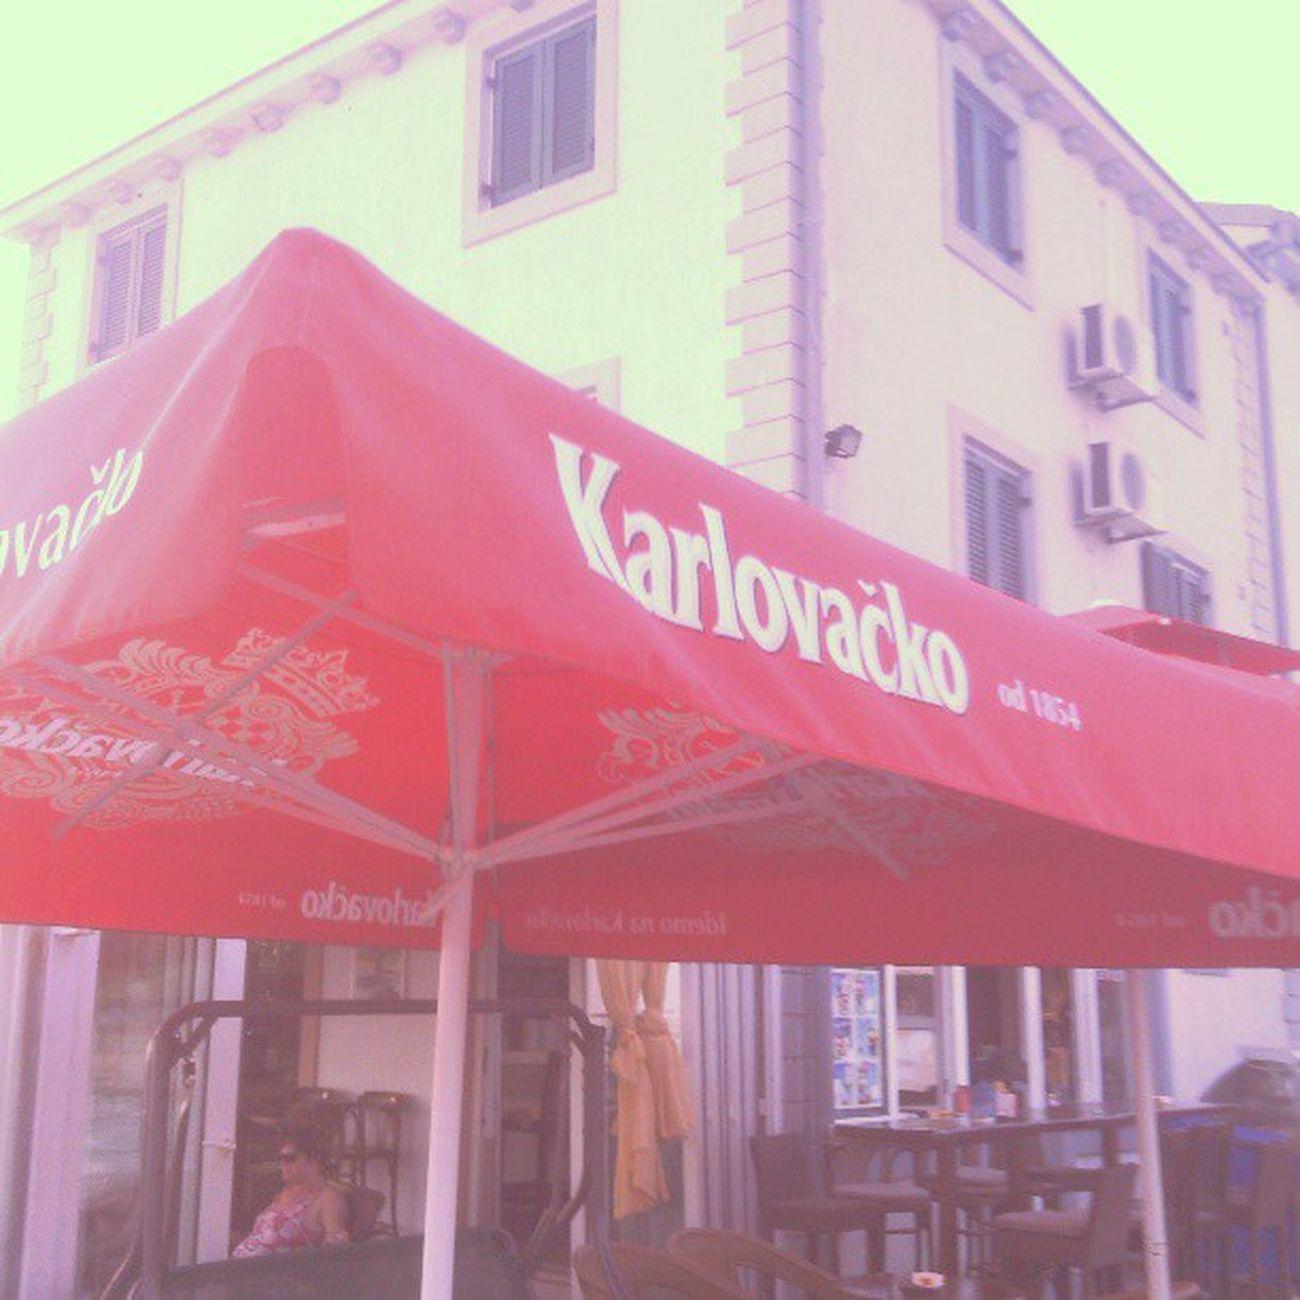 Karlovacko Croatia